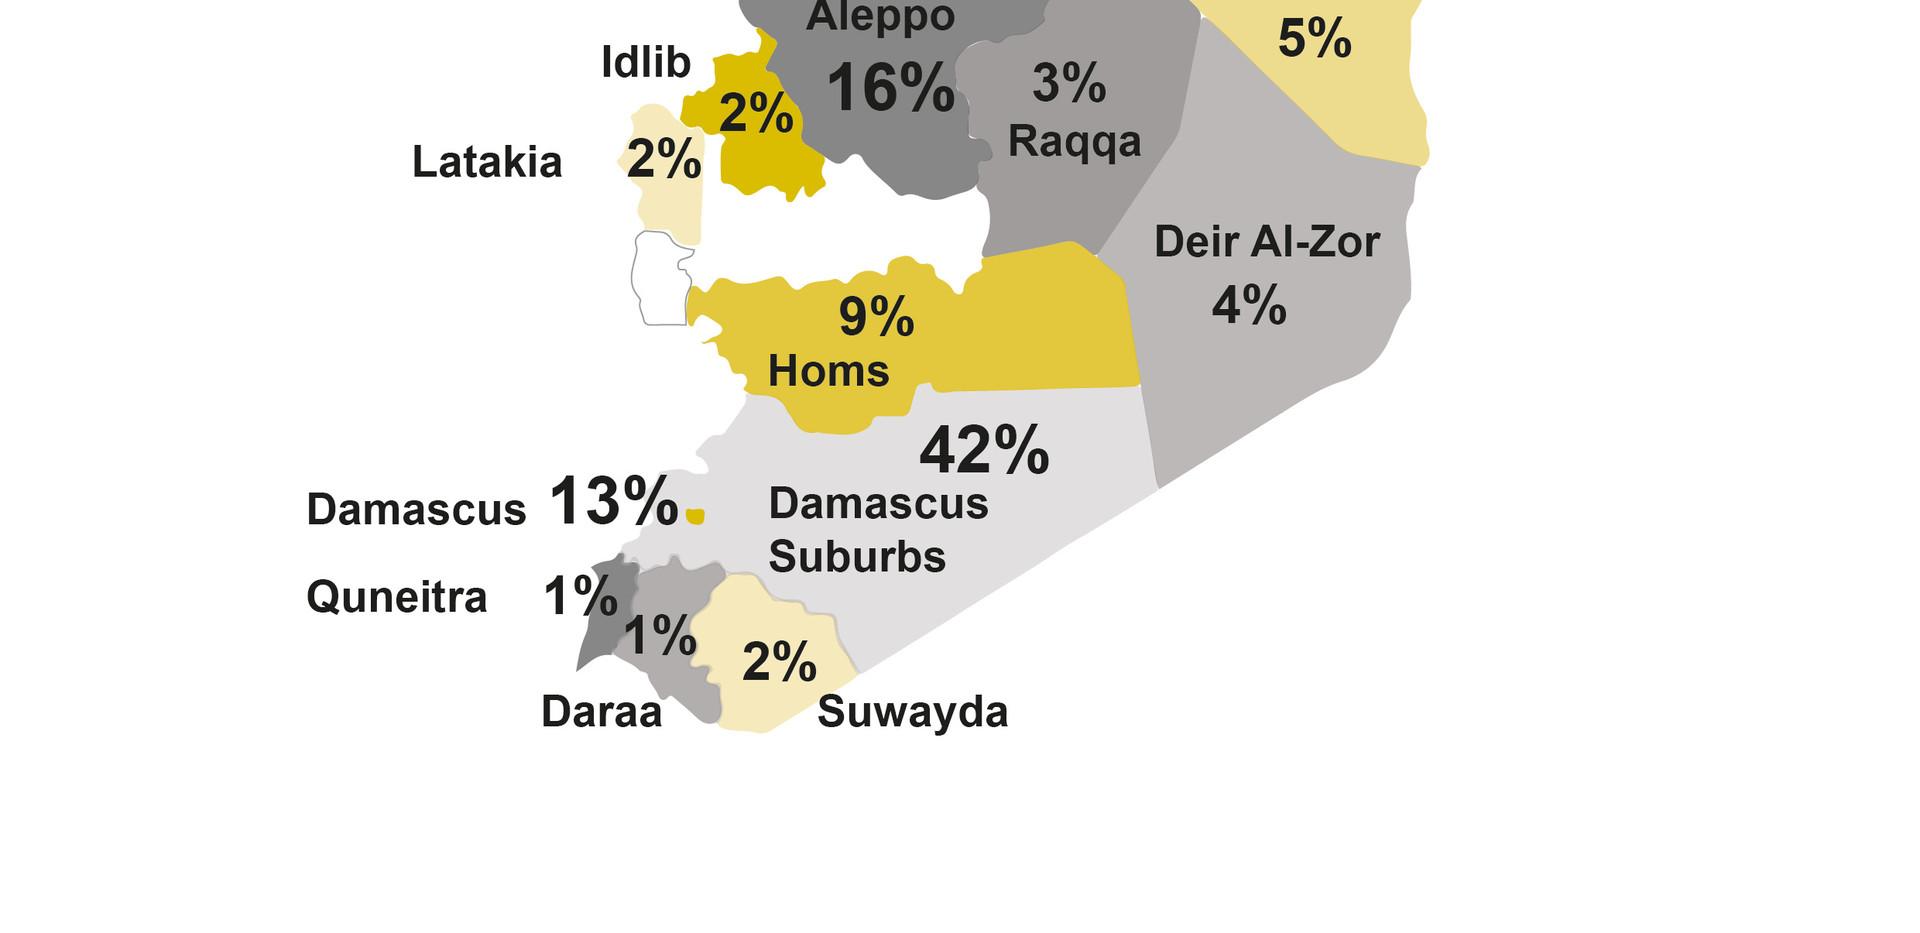 Survey Participators in Syria